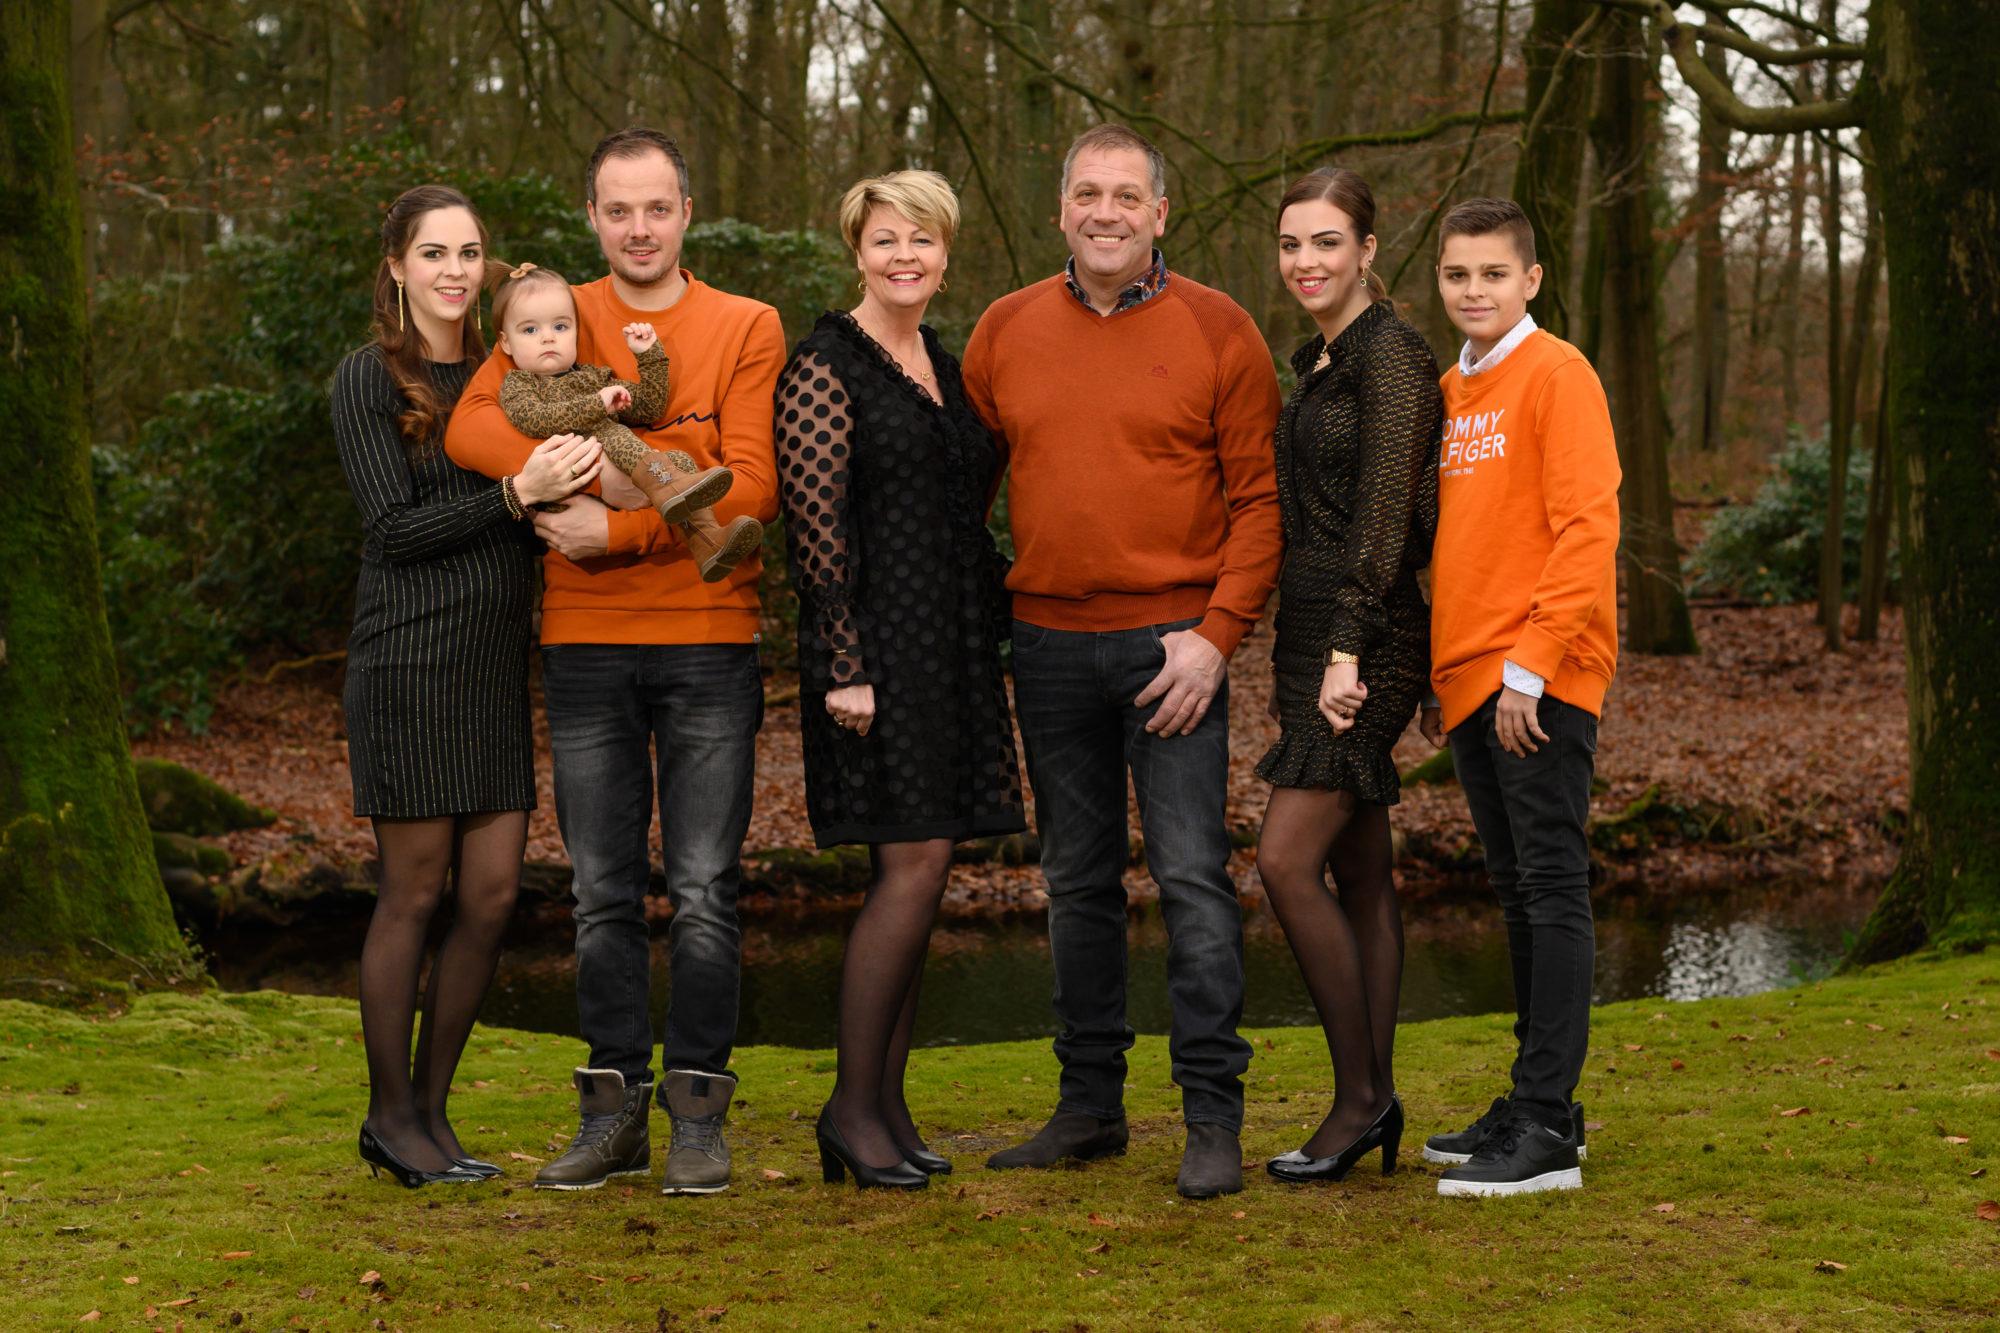 fotoshoot, familieshoot, fotografie Wouter van Middendorp omgeving Uddel, Putten, Barneveld, Nunspeet